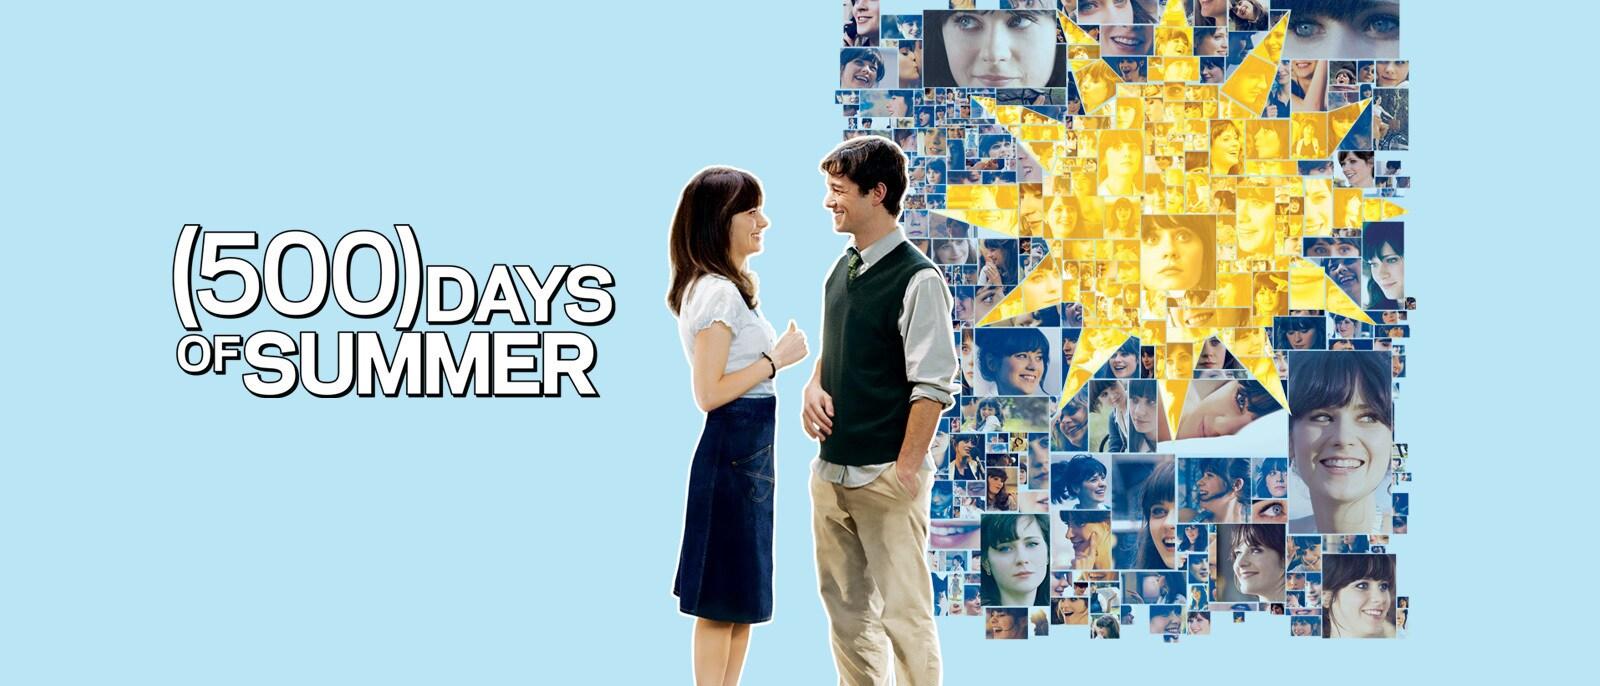 500 Days of Summer Hero